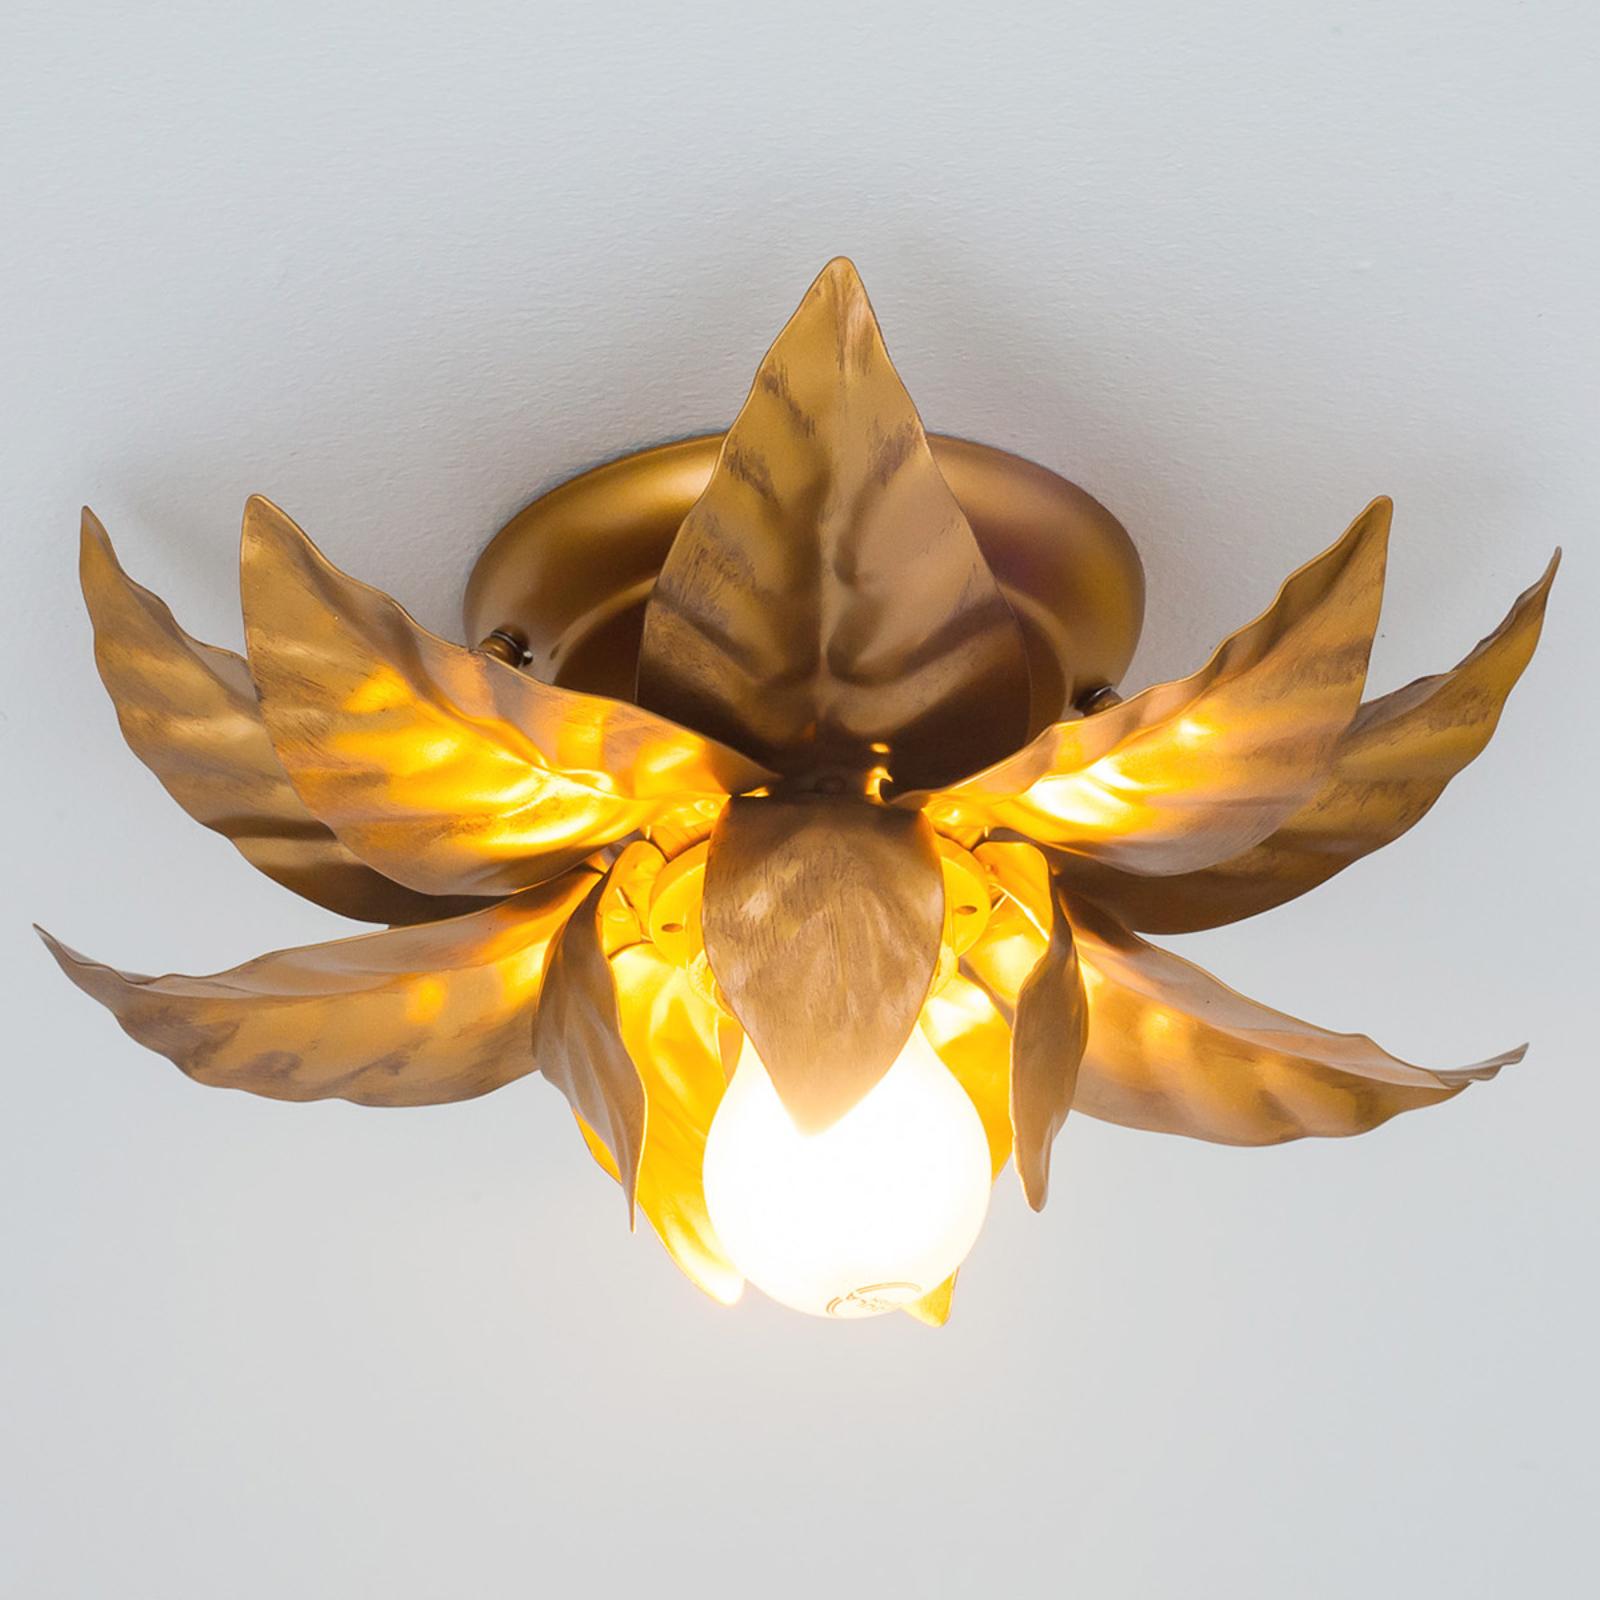 Lampa sufitowa ANTIK o złotych liściach 26 cm